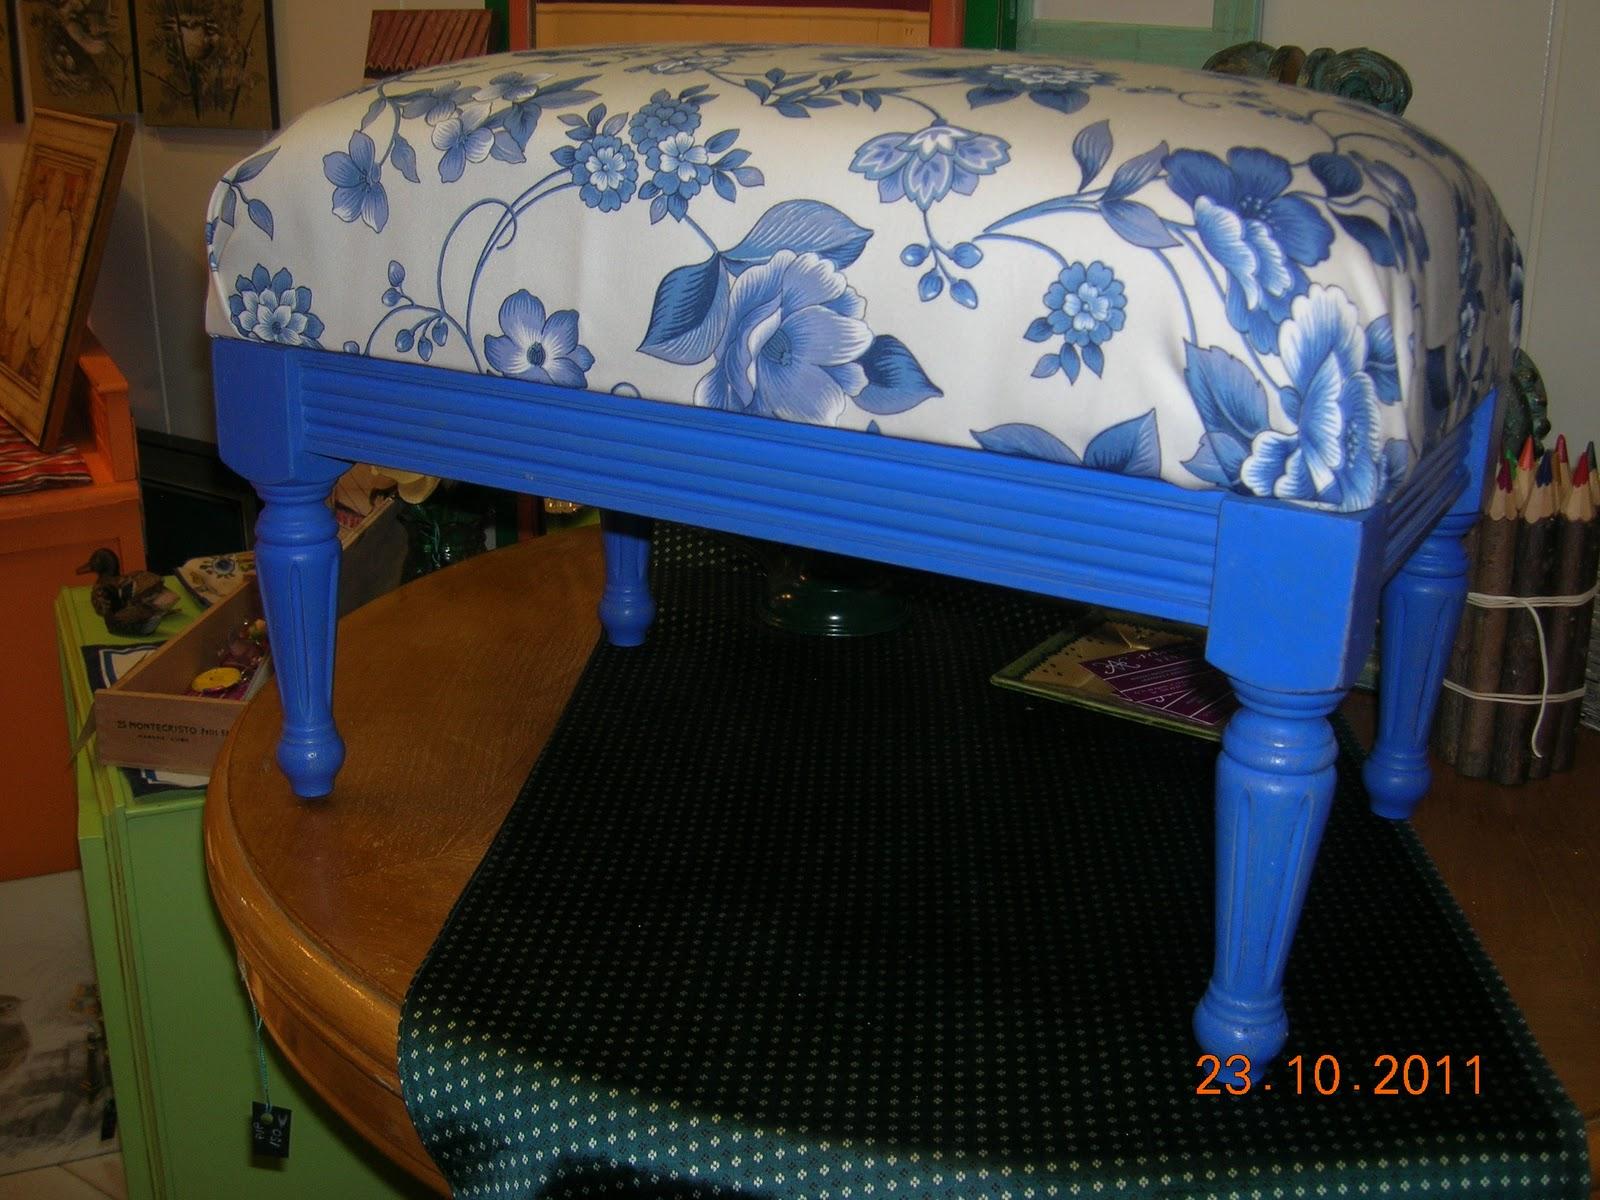 Vintage en agosto muebles de colores for Muebles zamorano jose mari